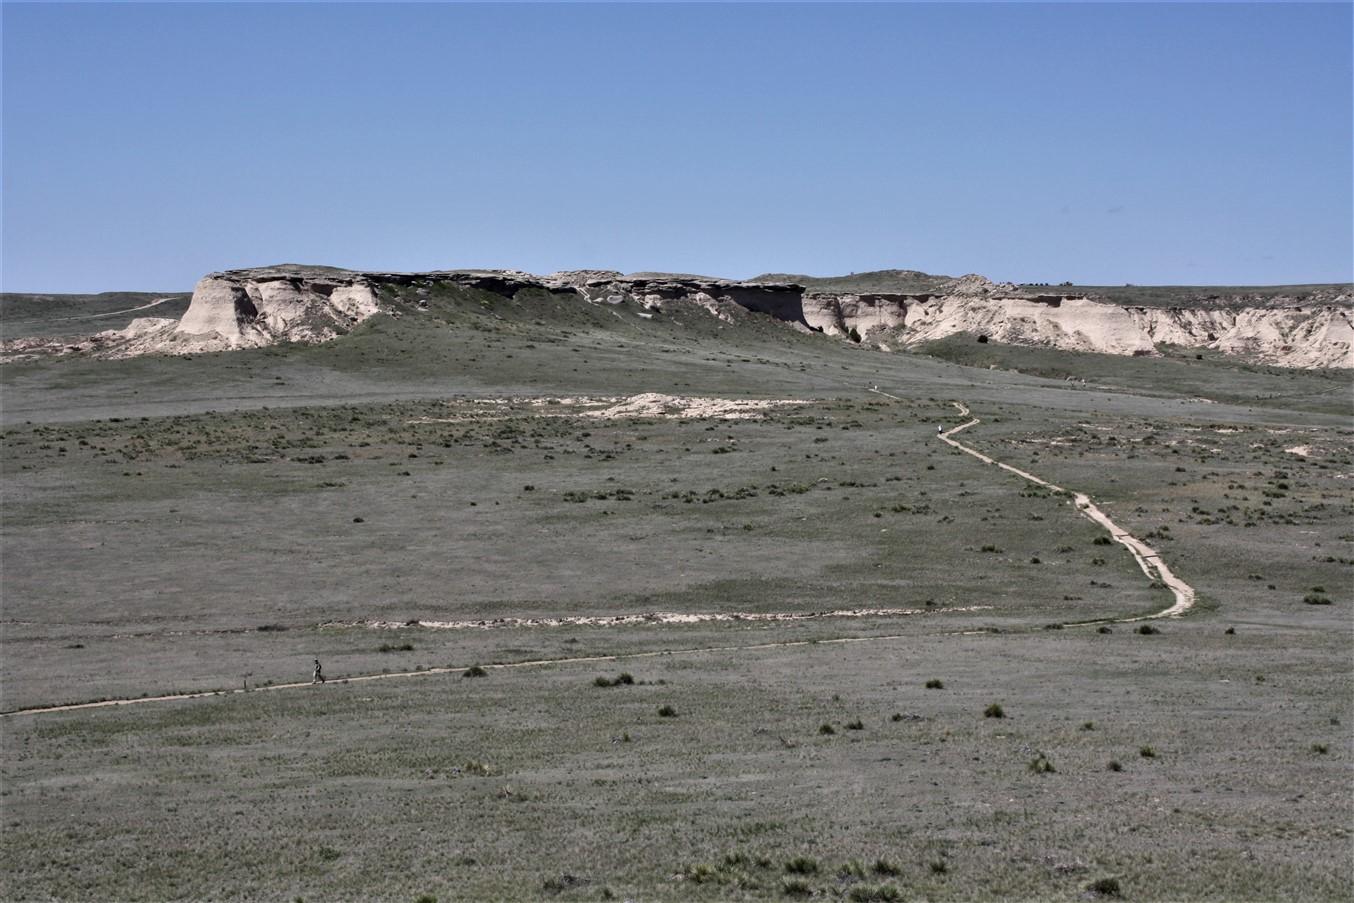 2010 05 23 Colorado 26 Pawnee Bluffs.jpg